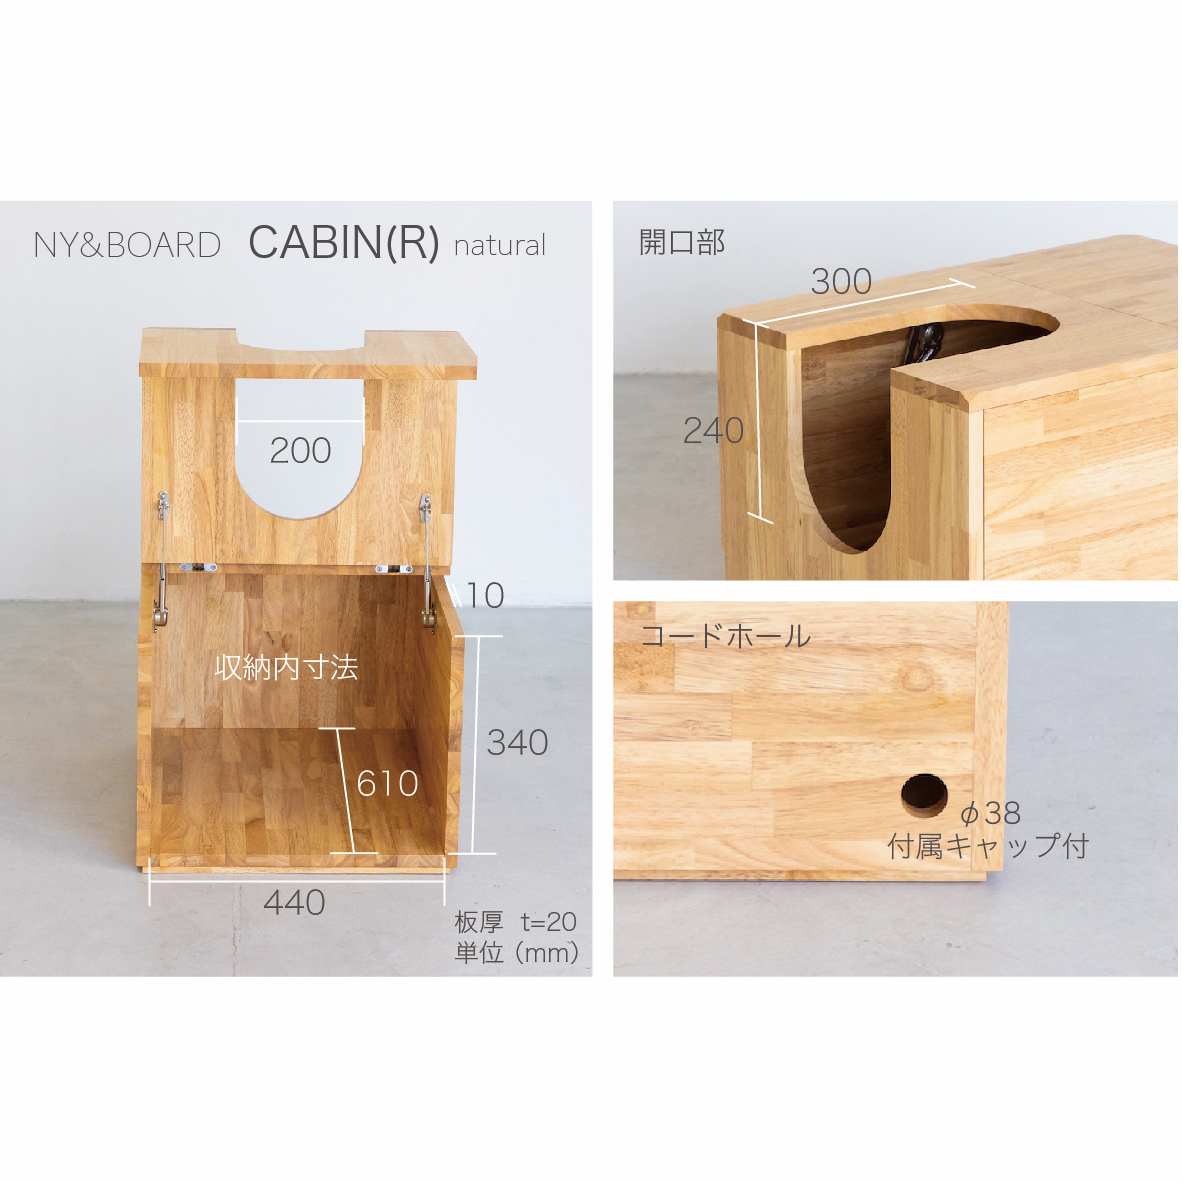 CABIN + DECK + DECK